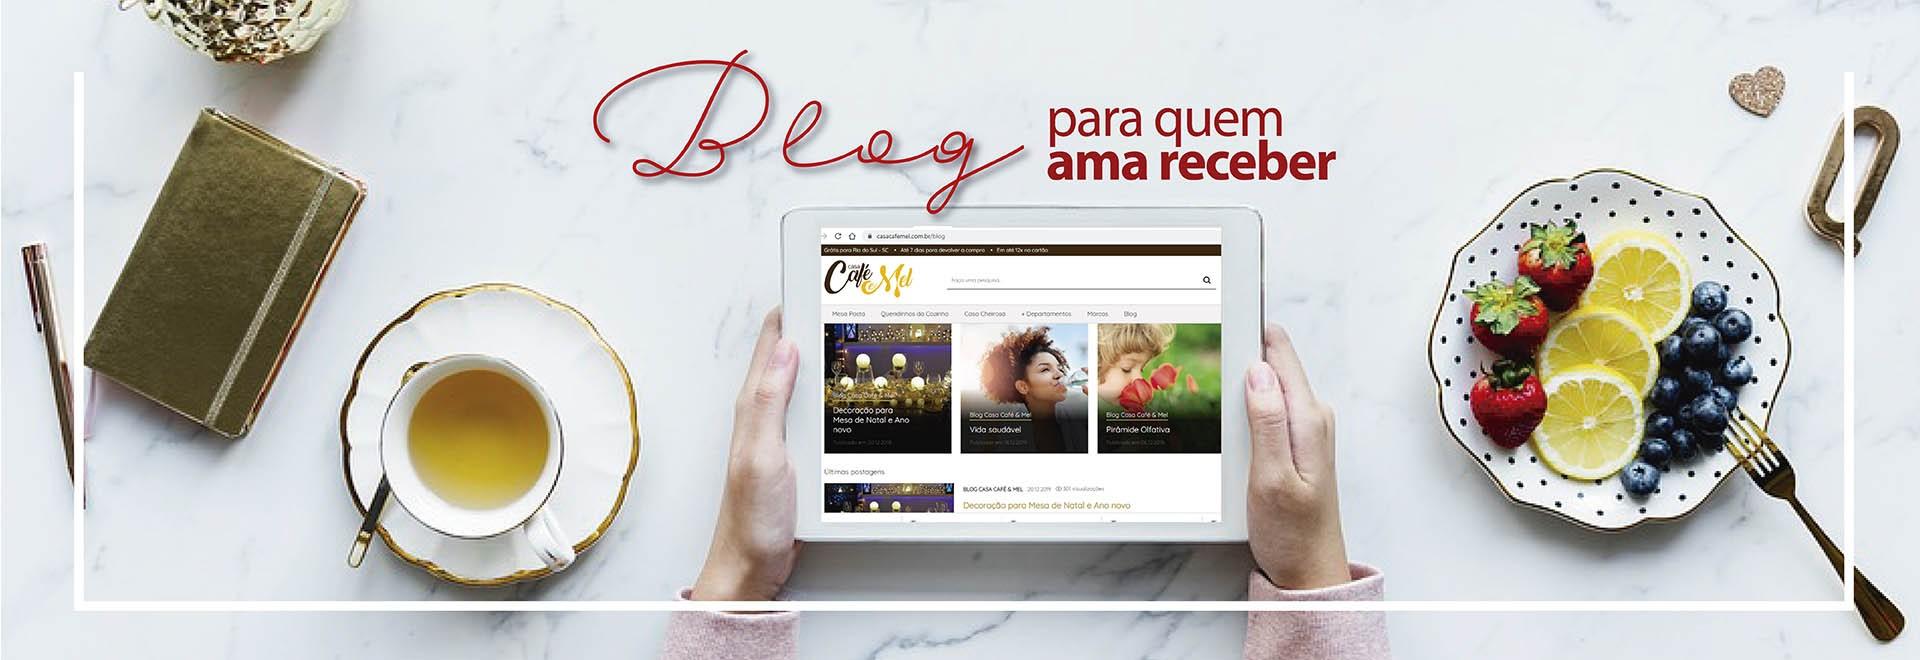 Blog desktop